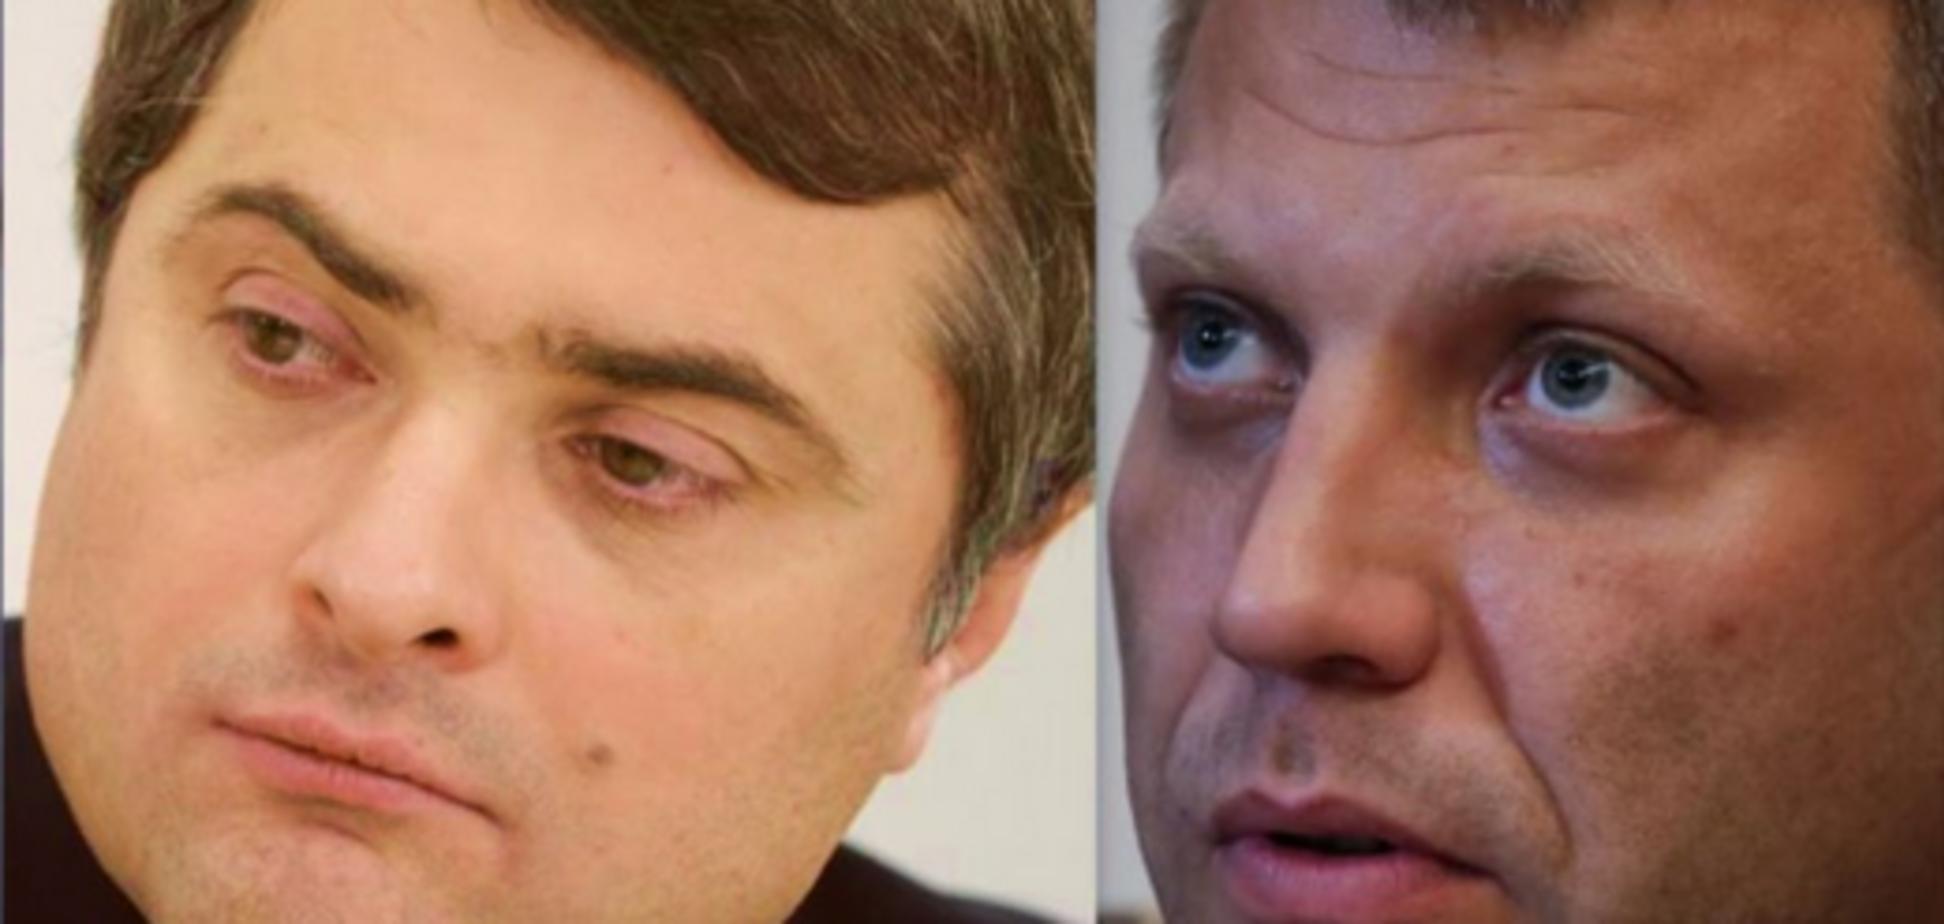 'Брат, береги себя!' Сурков обратился к живому Захарченко в день его похорон